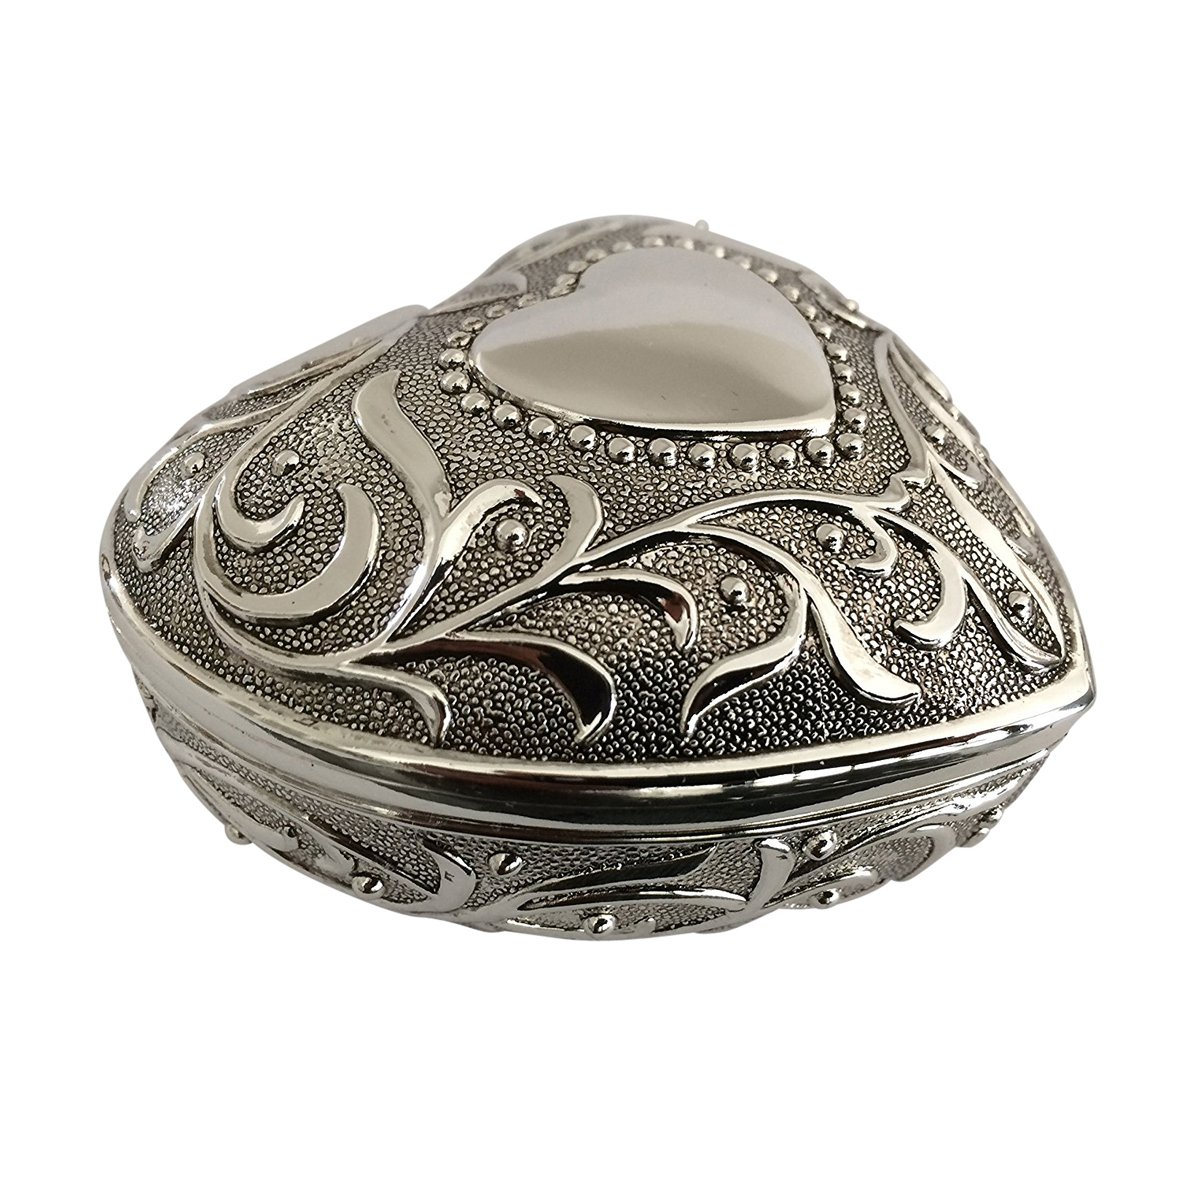 首饰盒心形 8.4x8.4厘米 镀银 适合您*喜欢的首饰